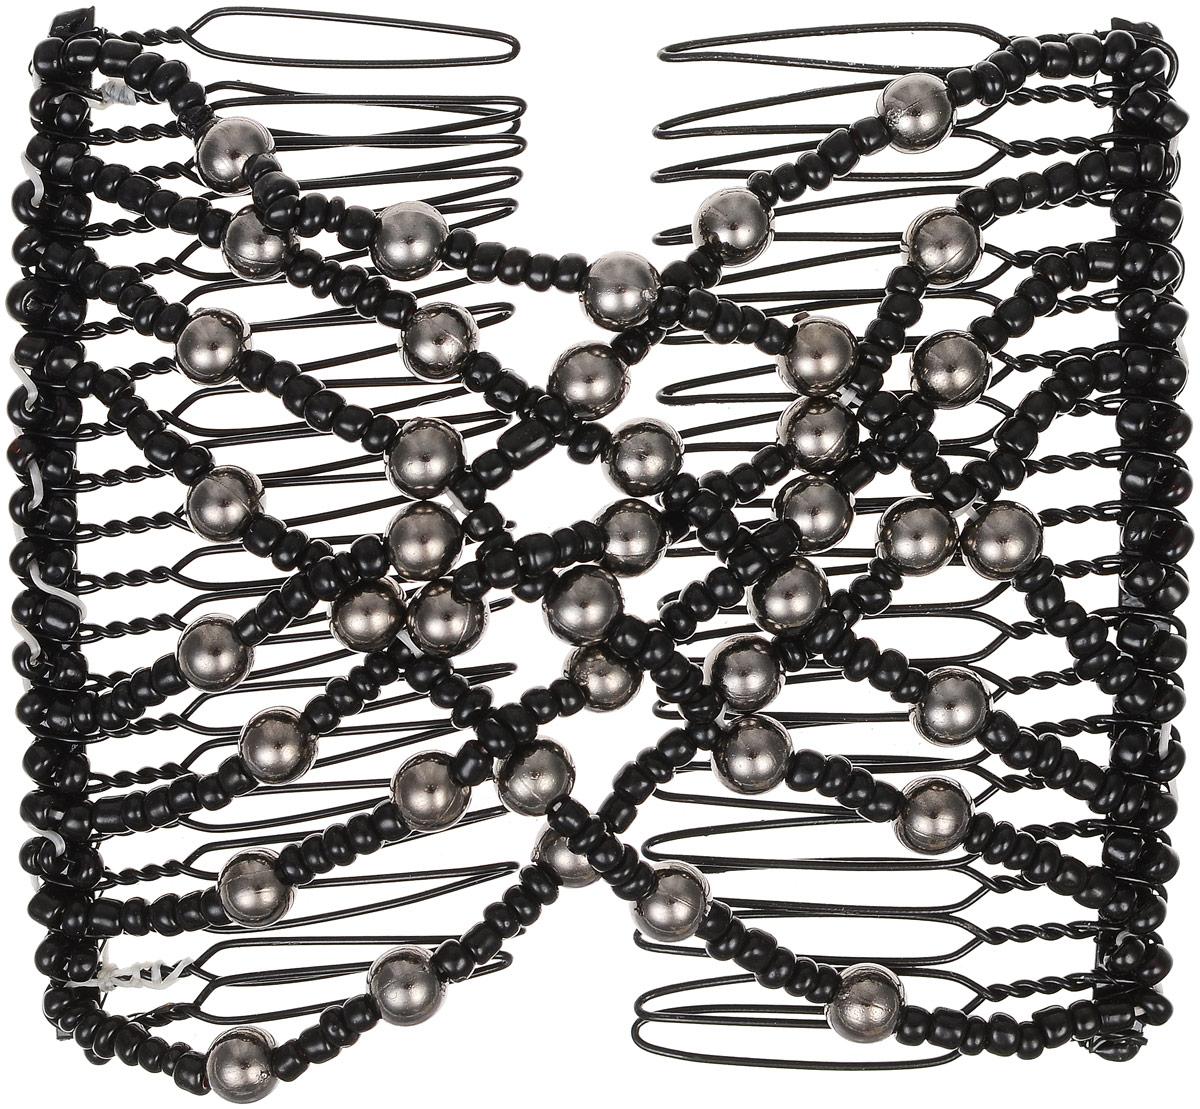 EZ-Combs Заколка Изи-Комбс, одинарная, цвет: черный, серебристый. ЗИО ez combs заколка изи комбс одинарная цвет коричневый зио цветок с серебром